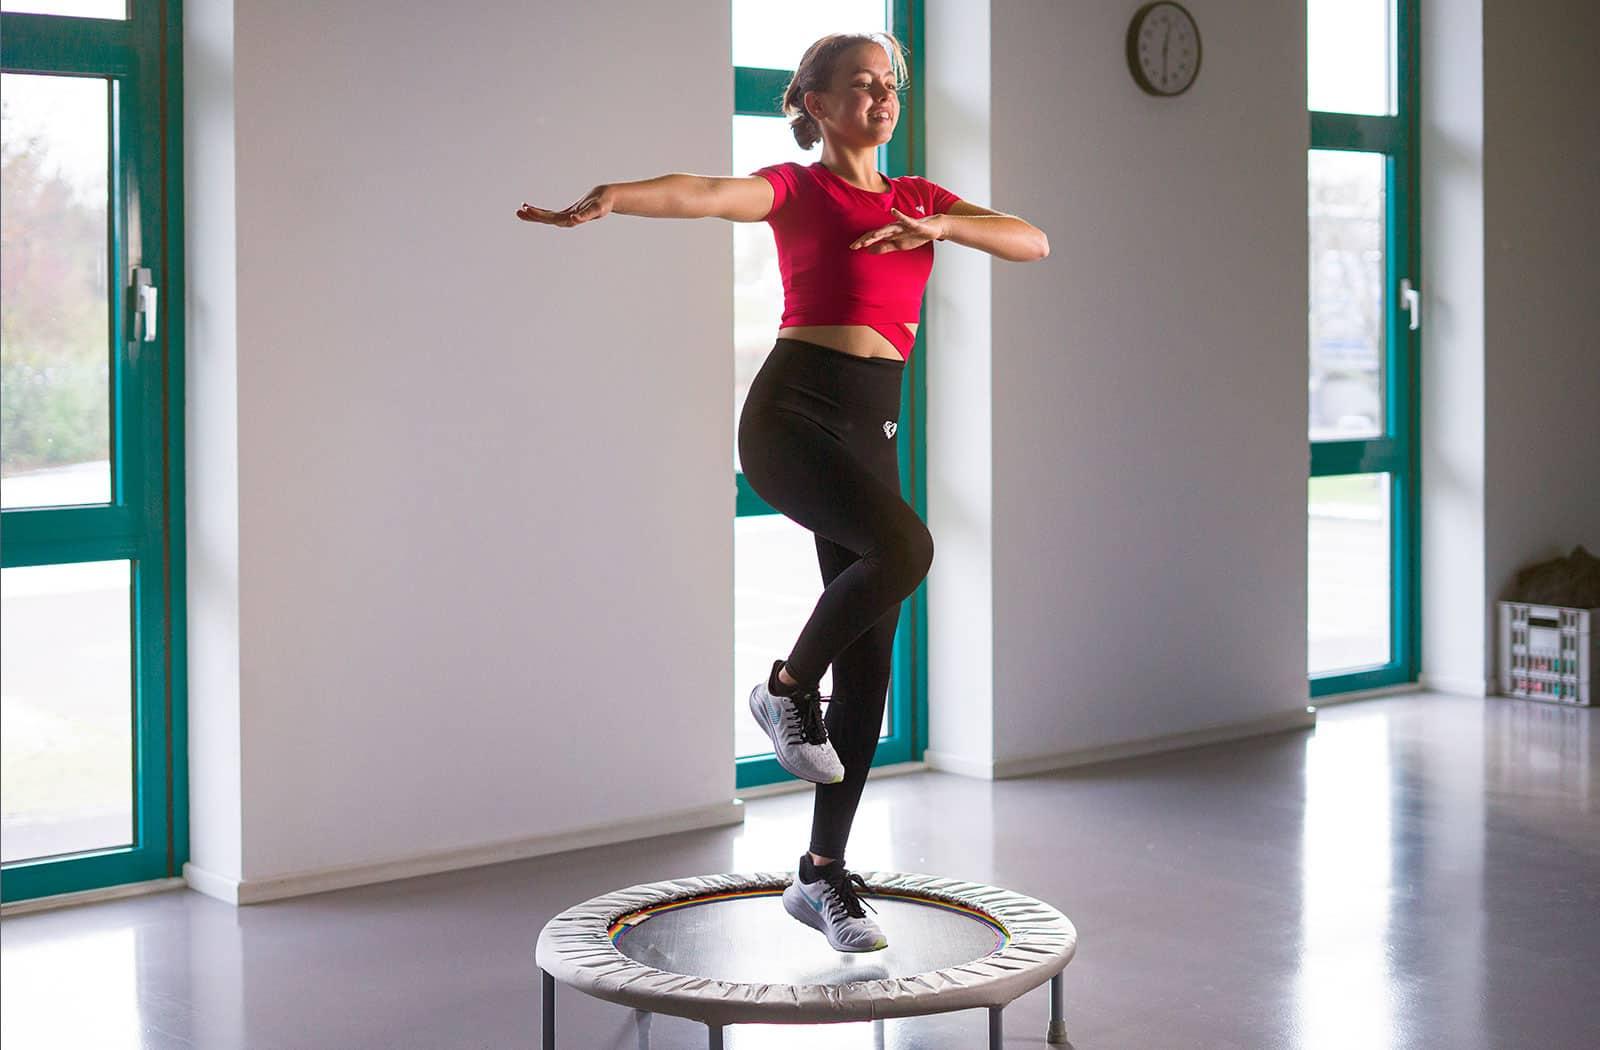 Das energievolle Workout mit Trampolin findet mehrmals die Woche in Kursraum 1 des balance Fitnessstudios statt.